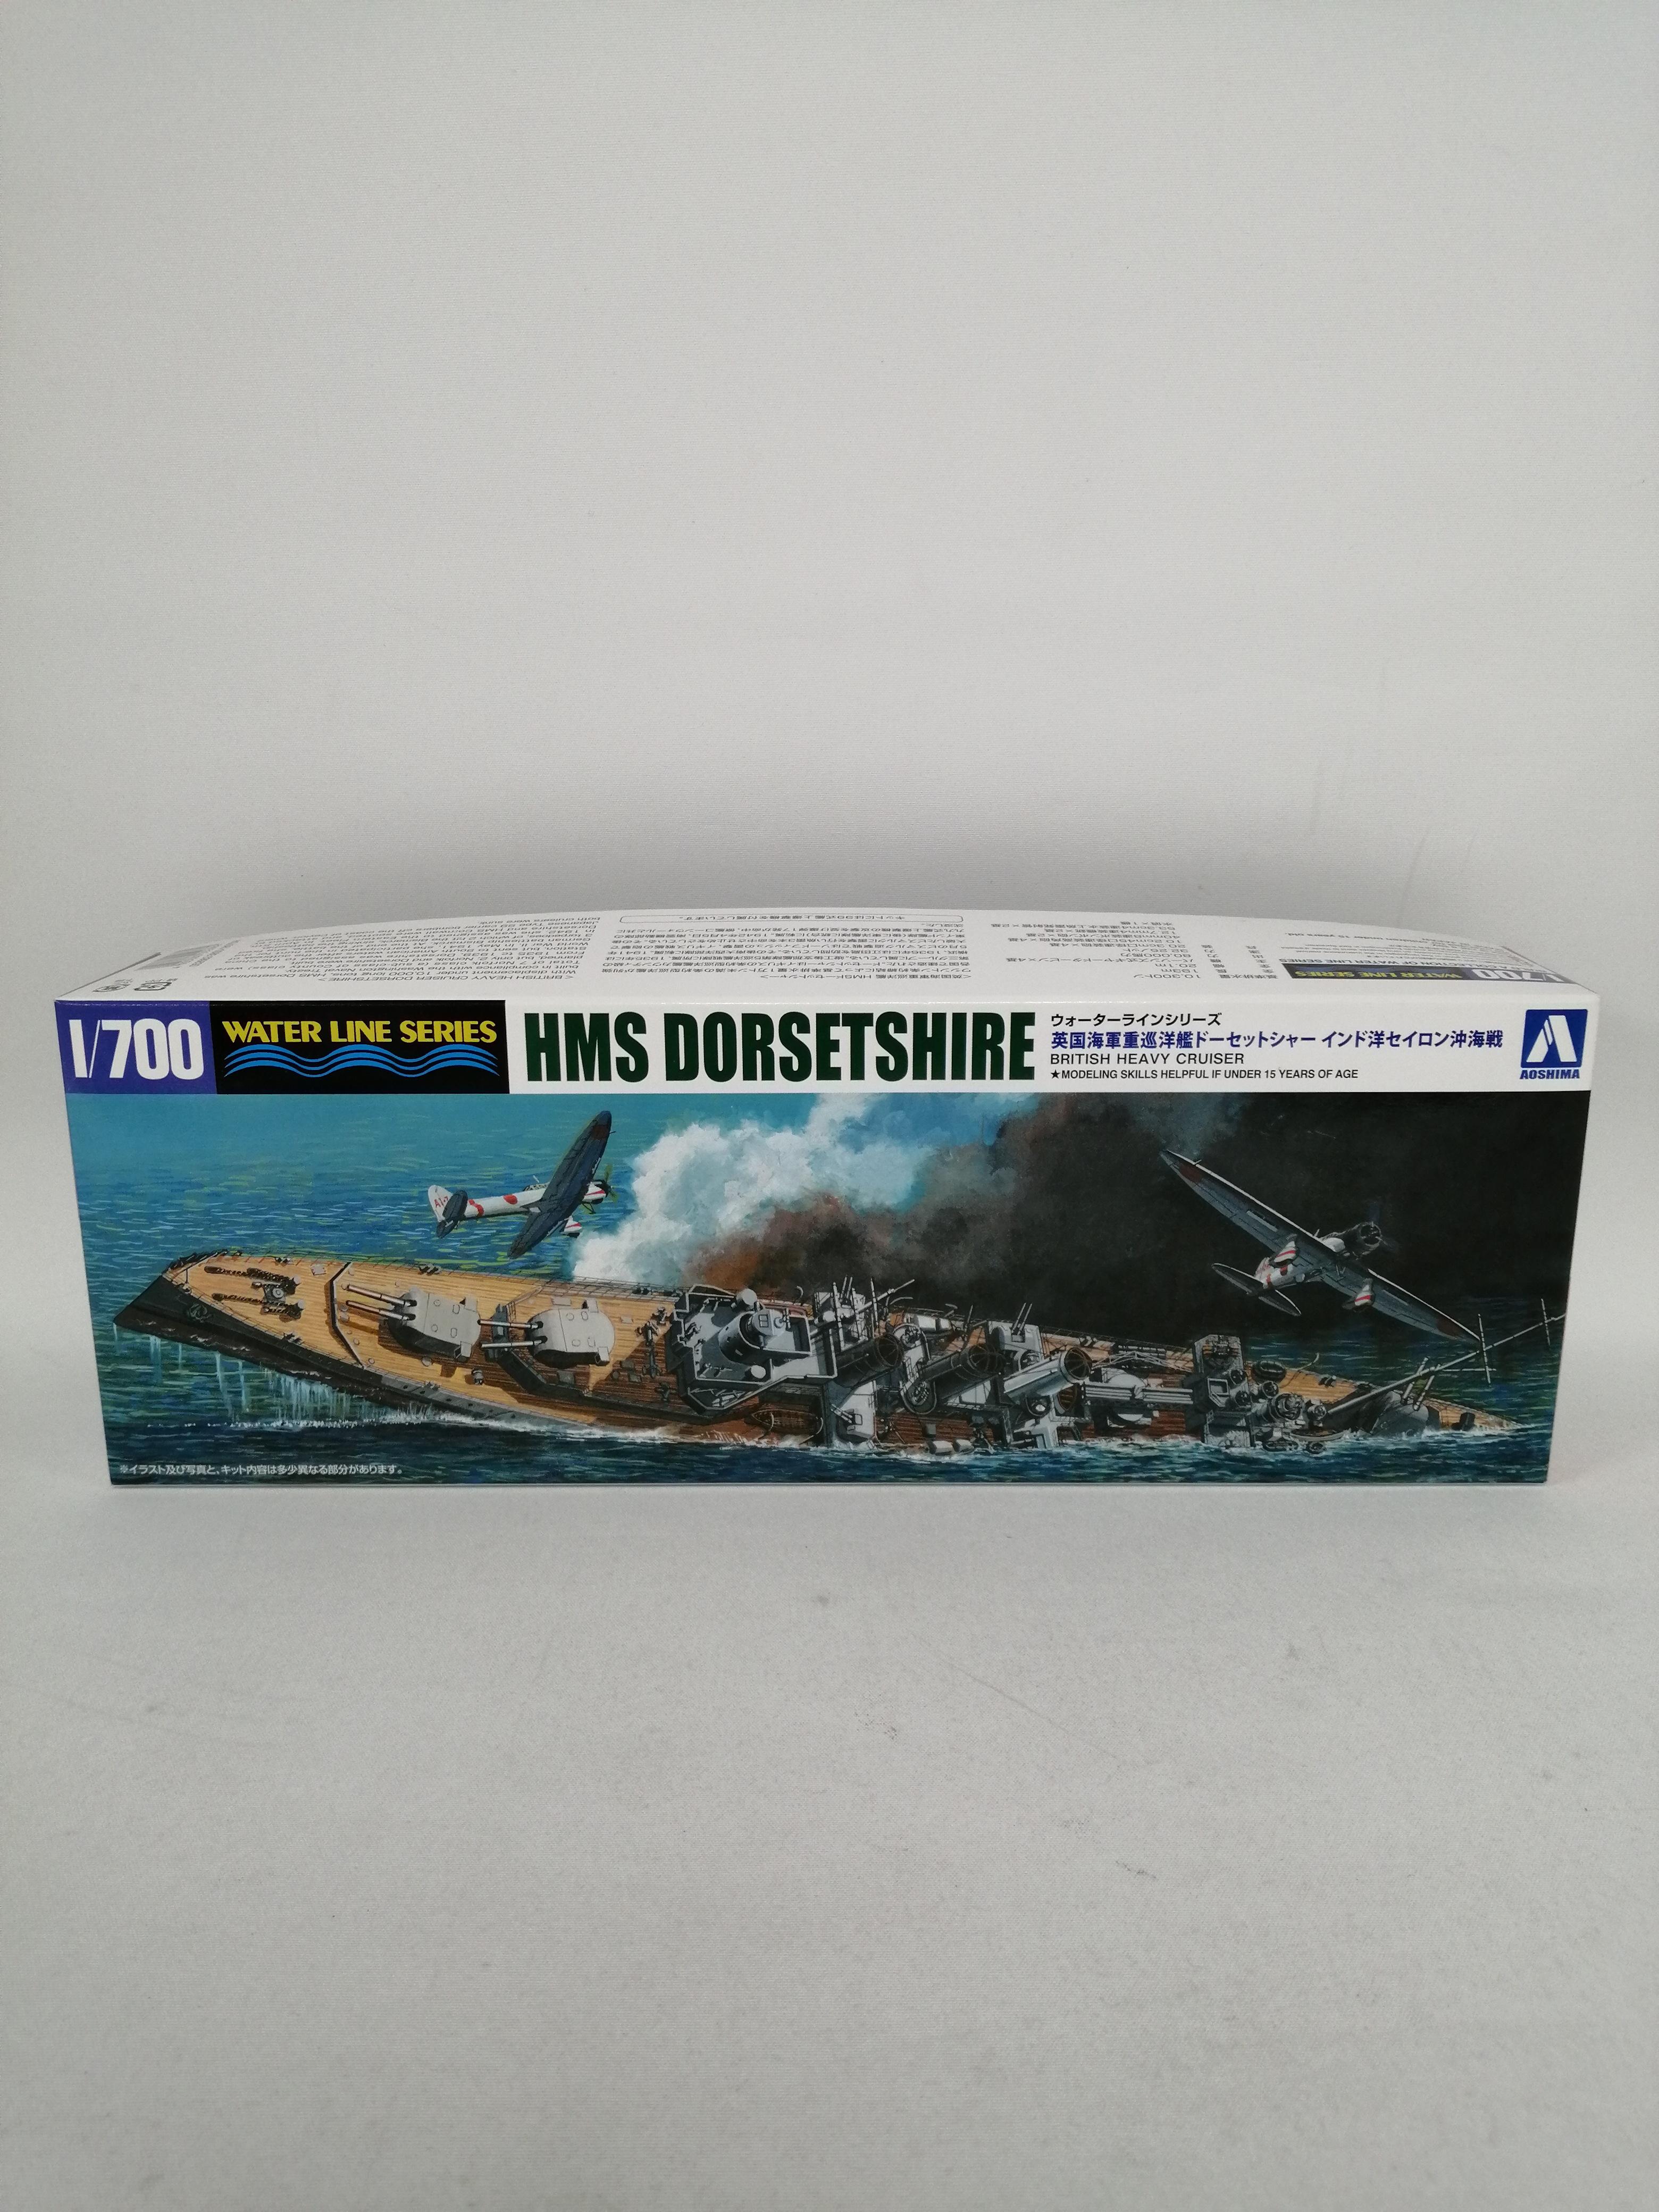 1/700 英国海軍ドーセットシャー インド洋セイロン沖海戦|青島文化教材社